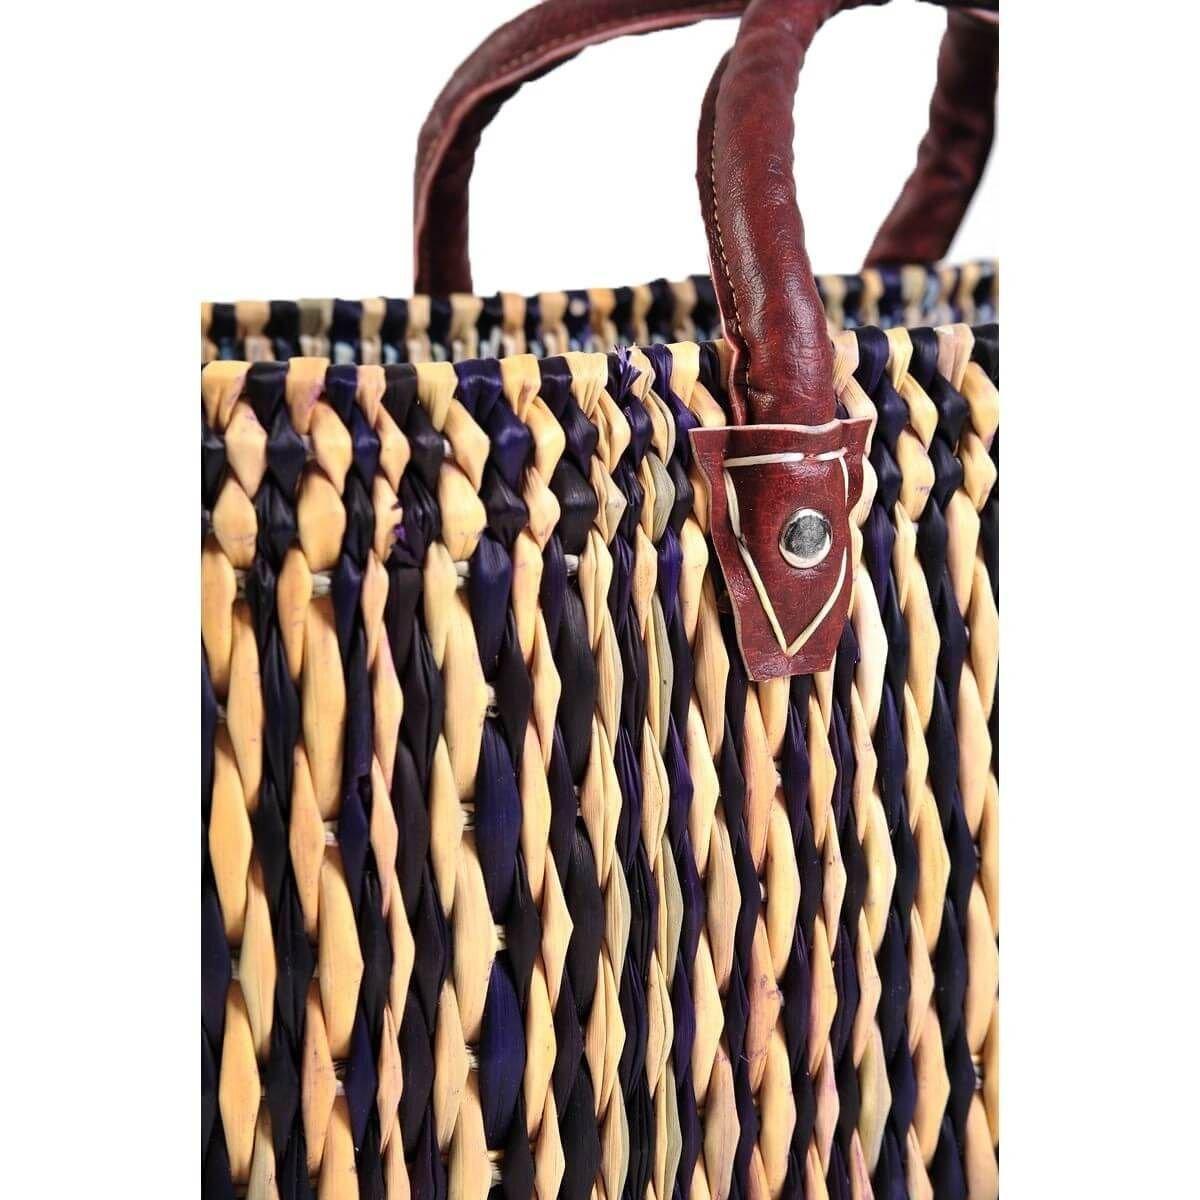 Simandra Seegras Tasche Korb Einkaufstasche Einkaufskorb Flechtkorb Korbtasche Palmgras Langer Griff groß Color Natur